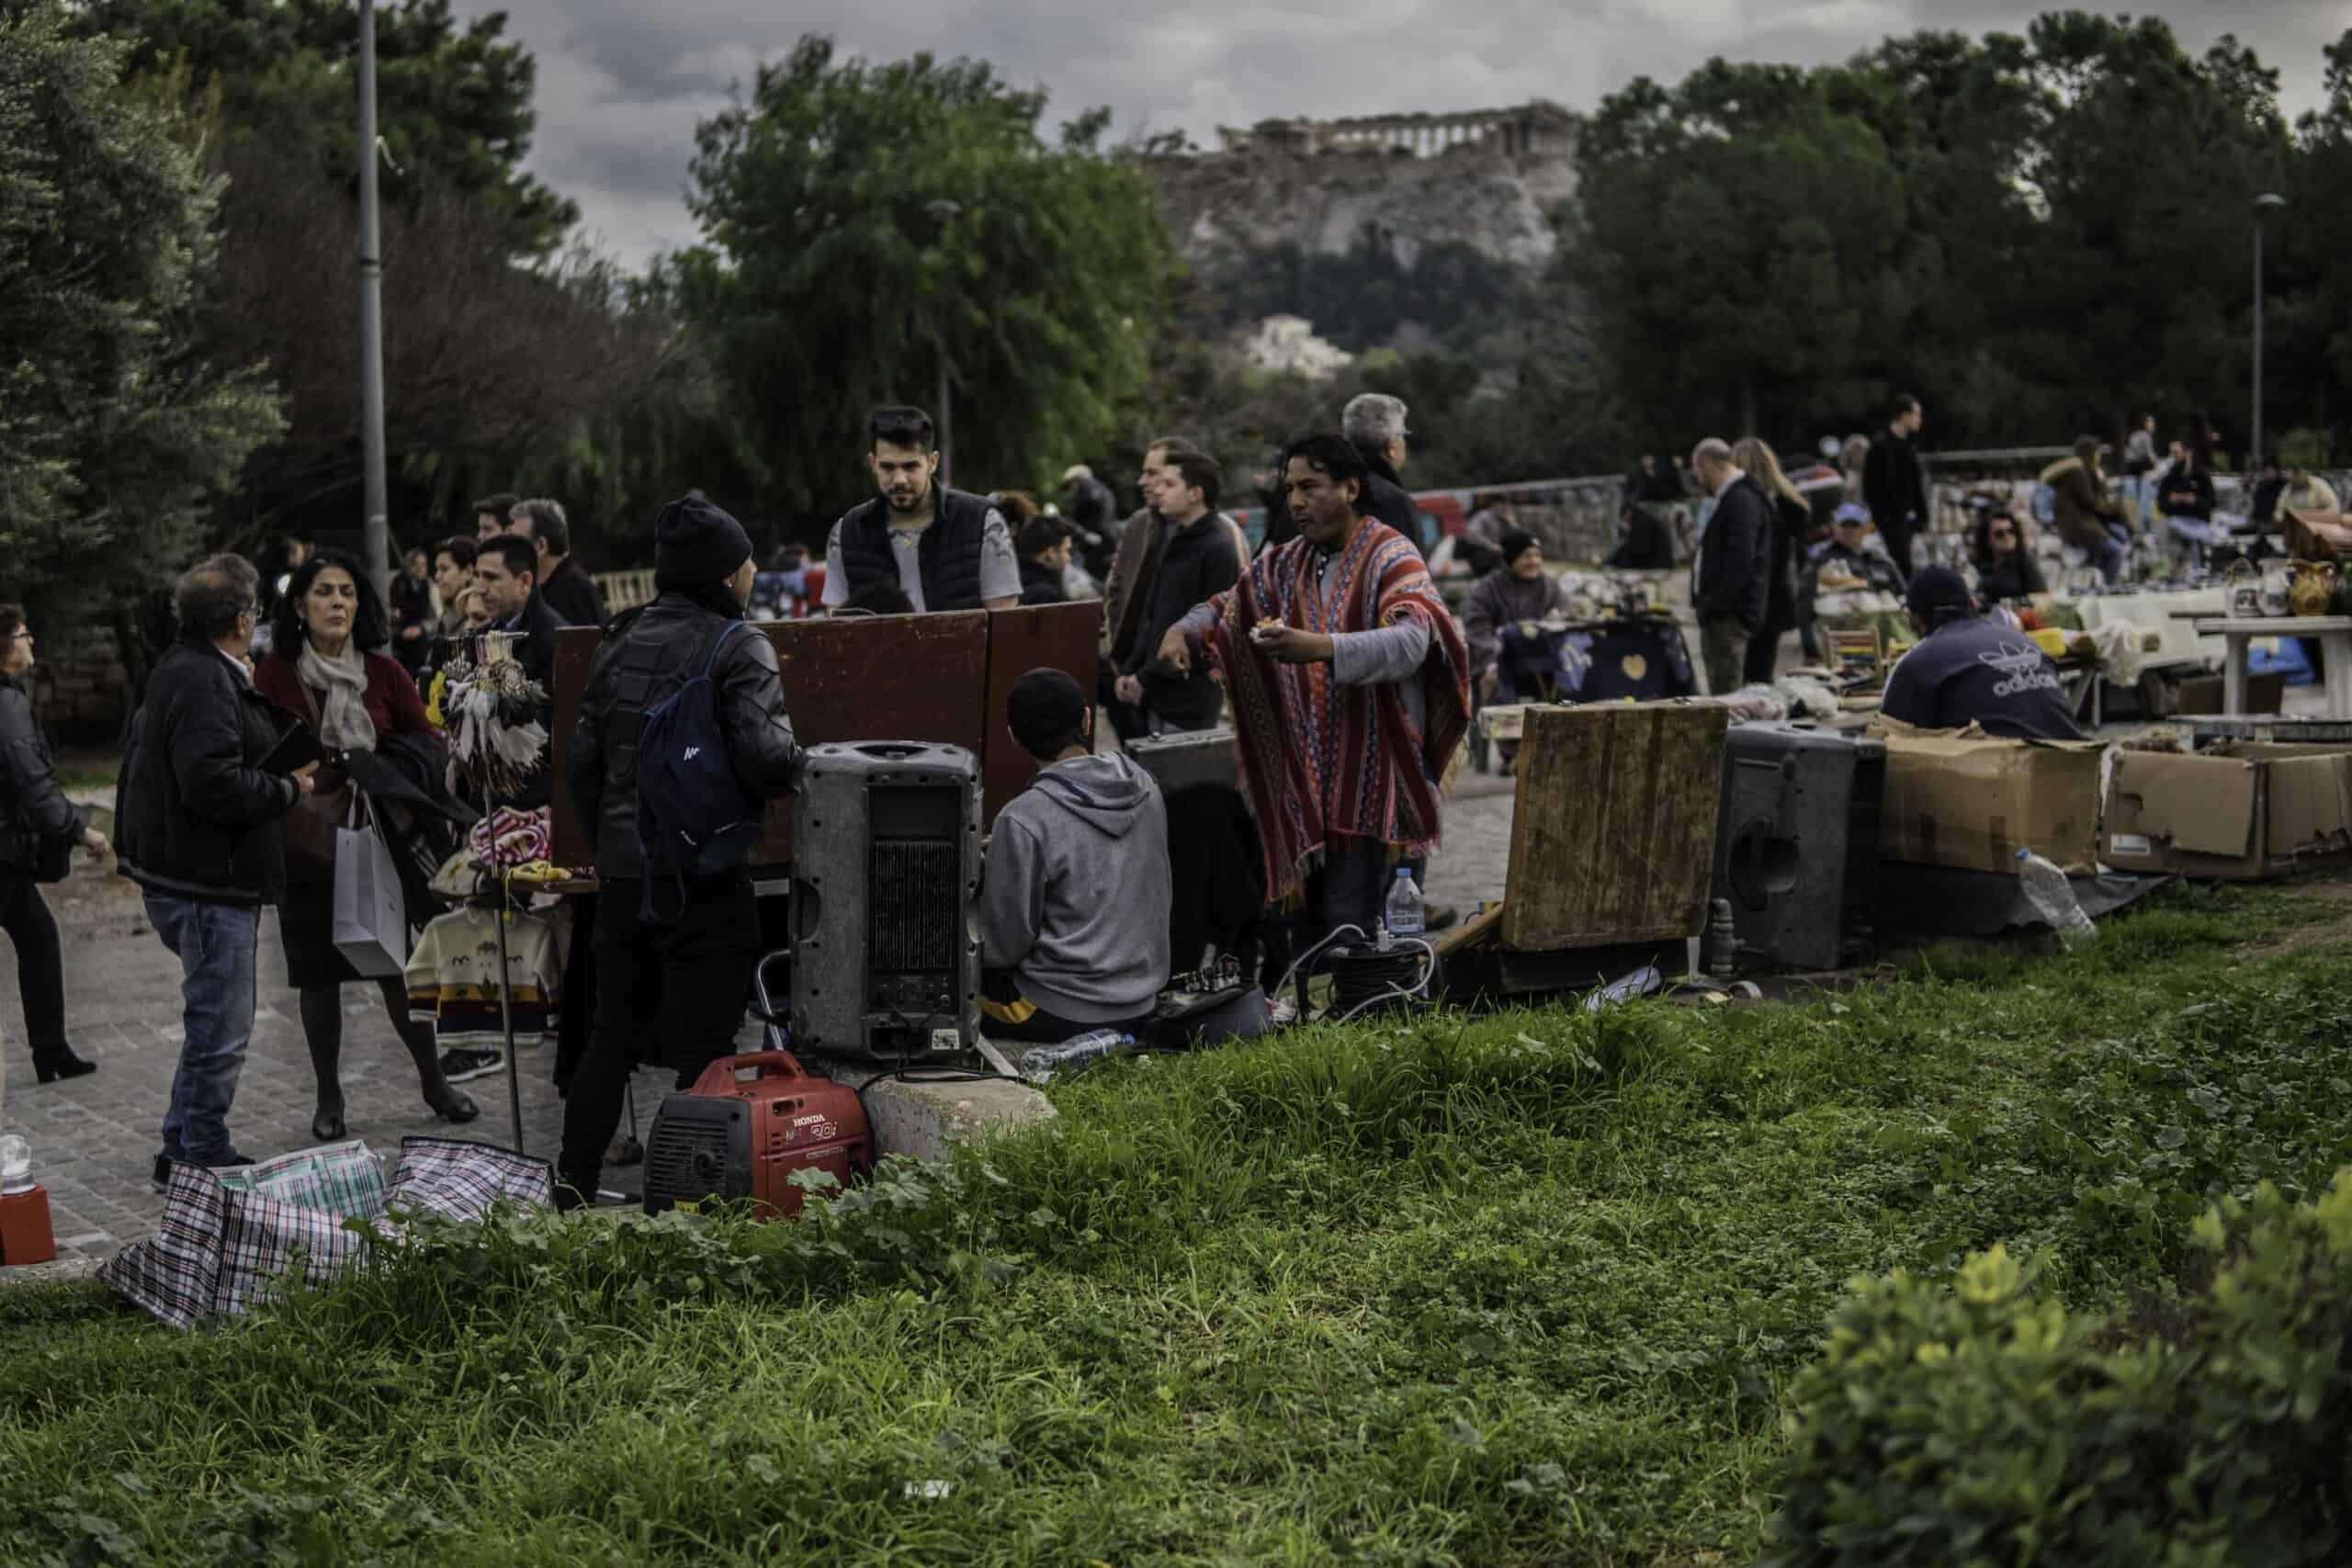 Αθήνα ανθρώπινη πόλη, ουδέν κακόν αμιγές καλού